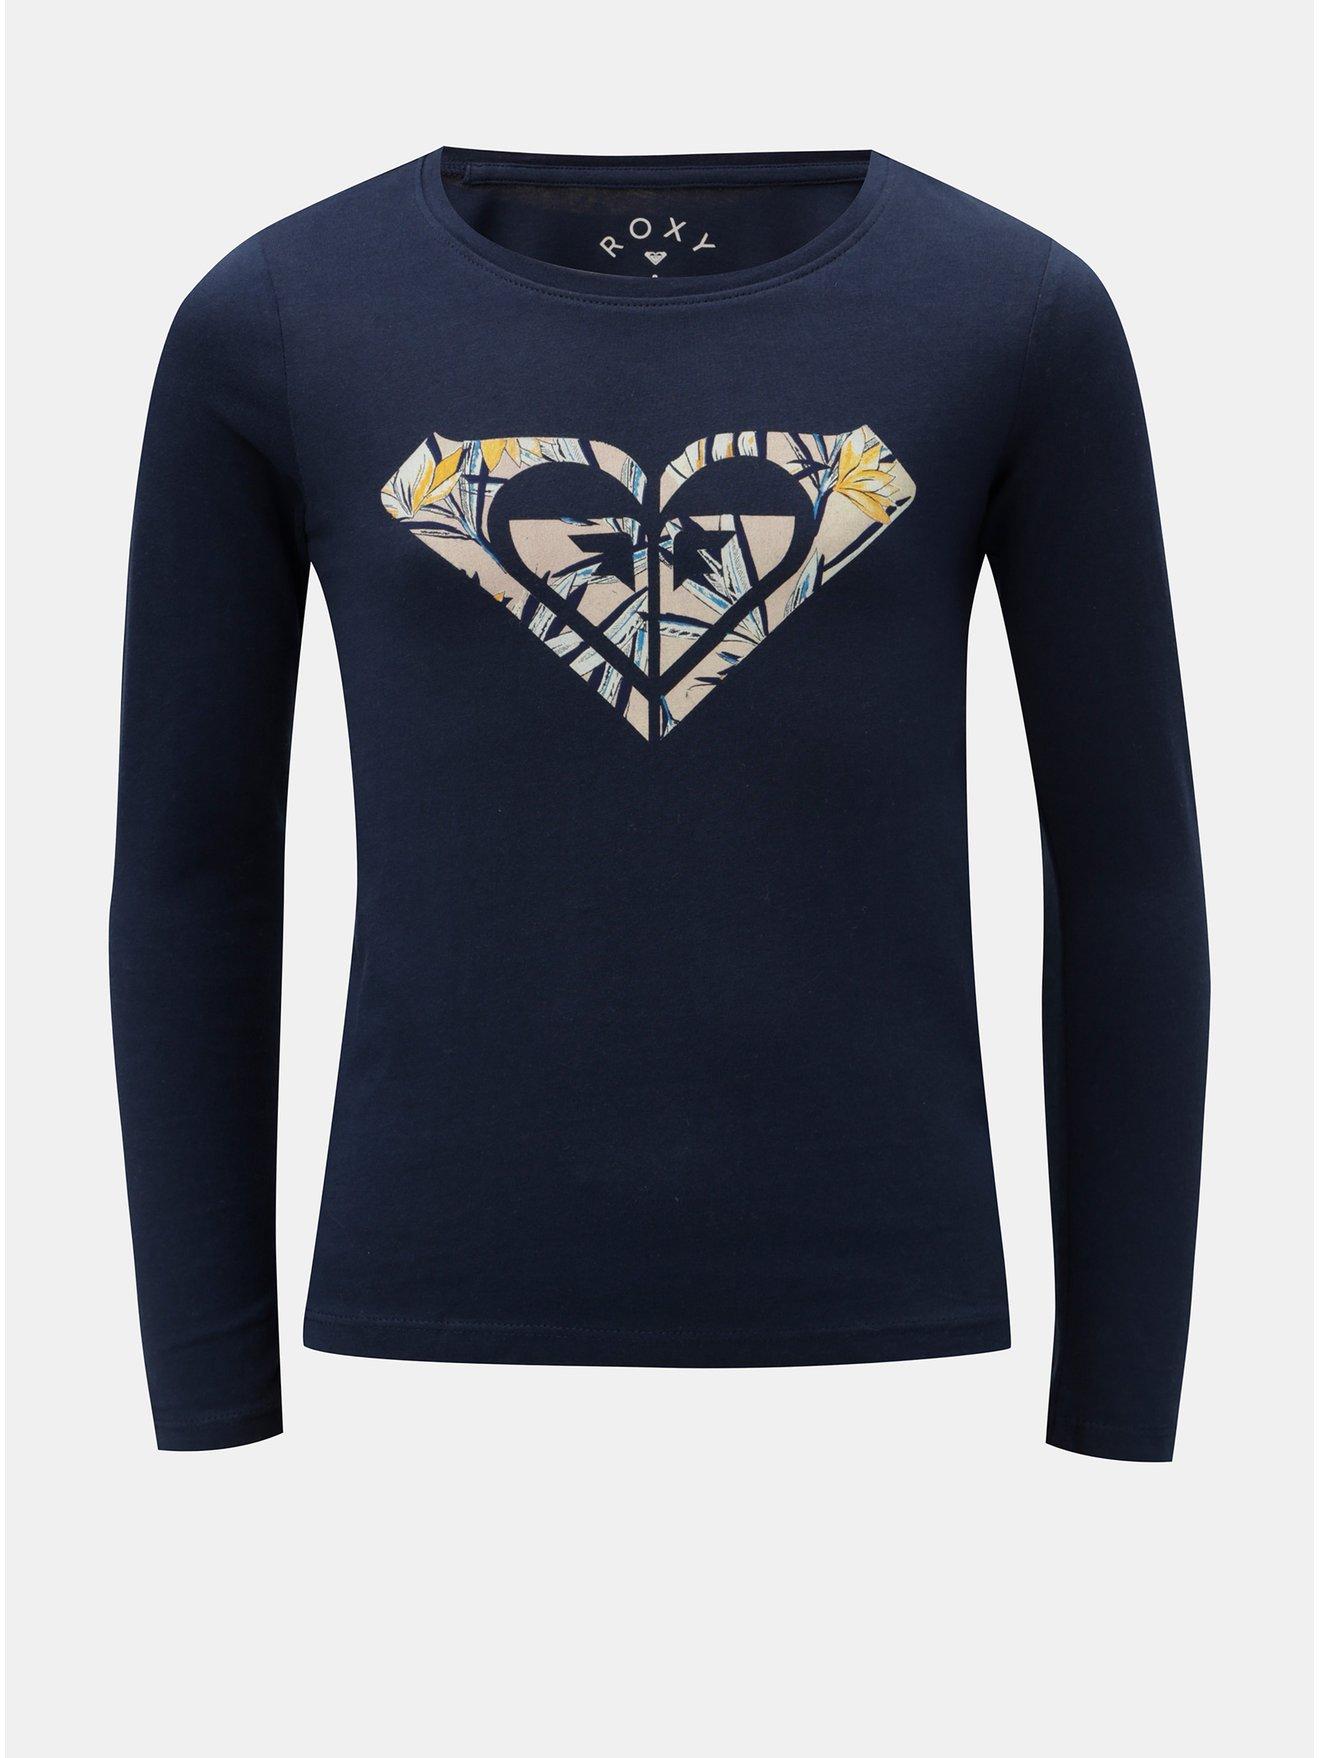 Tmavě modré holčičí tričko s potiskem loga Roxy Graduala